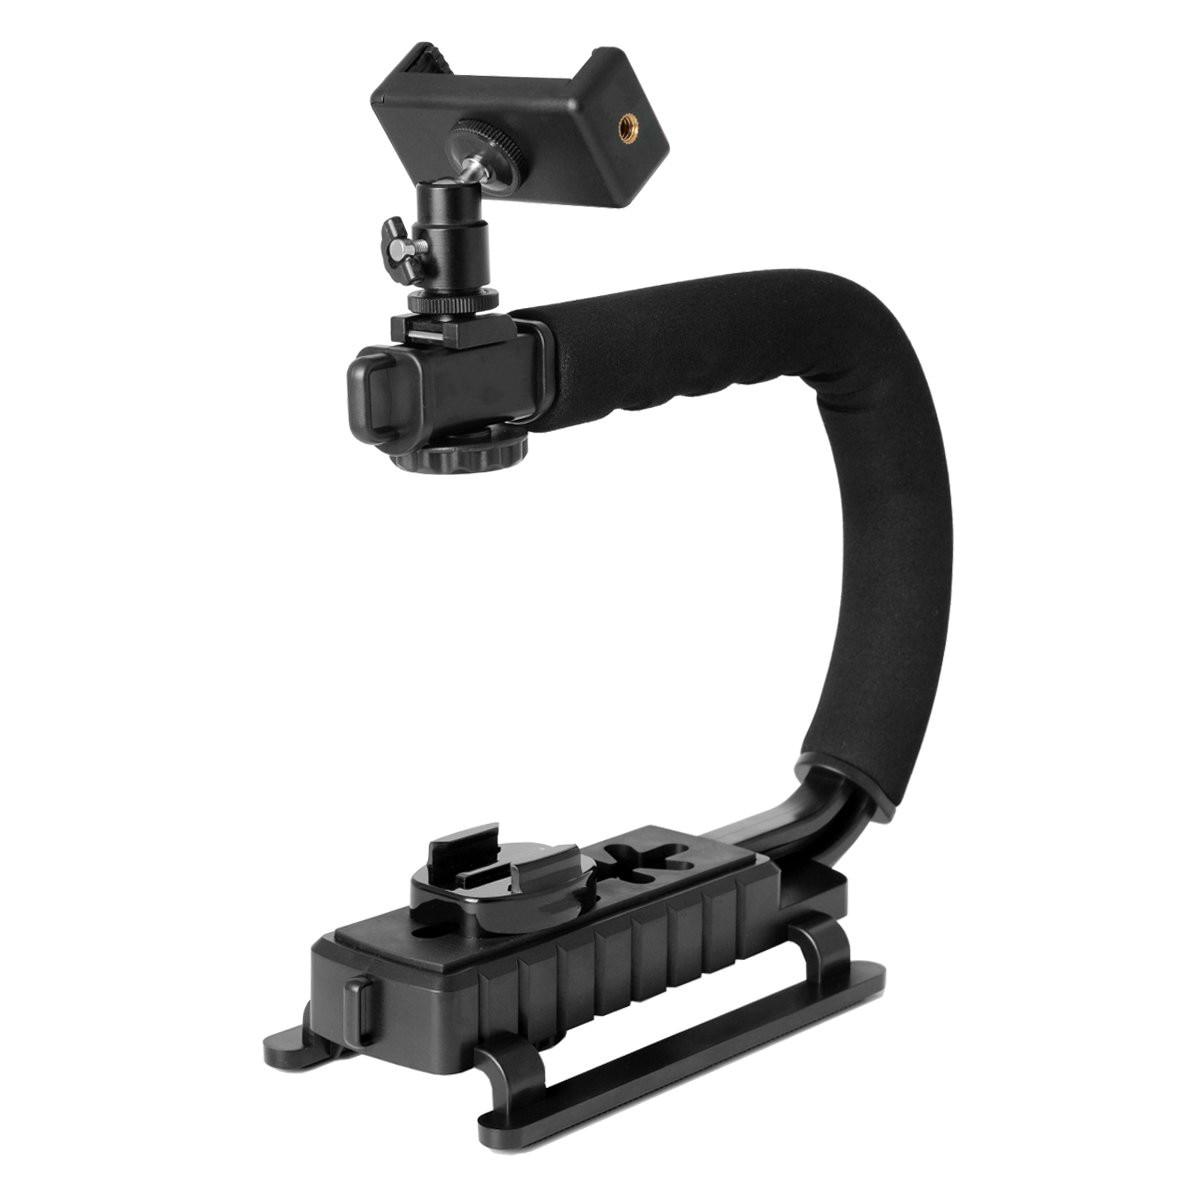 U-rig handheld telefone estabilizando fotografia vídeo rig filme fazendo vlogging gravação caso suporte estabilizador para iphone samsung